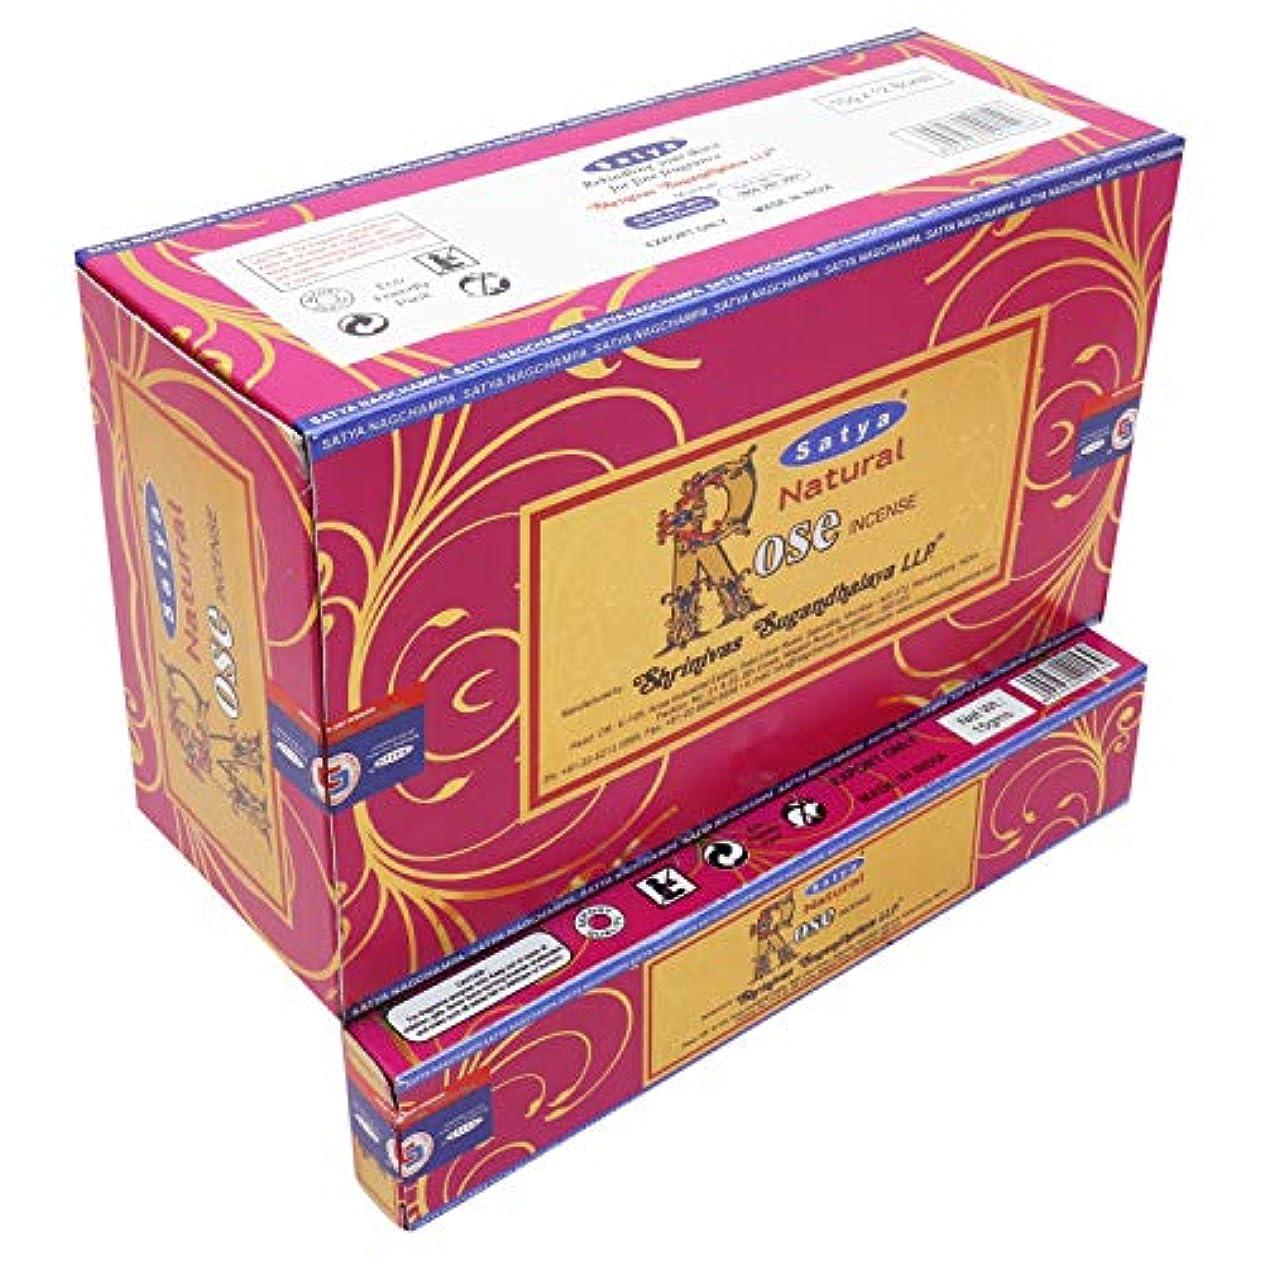 糸スポンジ特別なSatyaナチュラルローズIncense Sticks 180グラムフルボックス